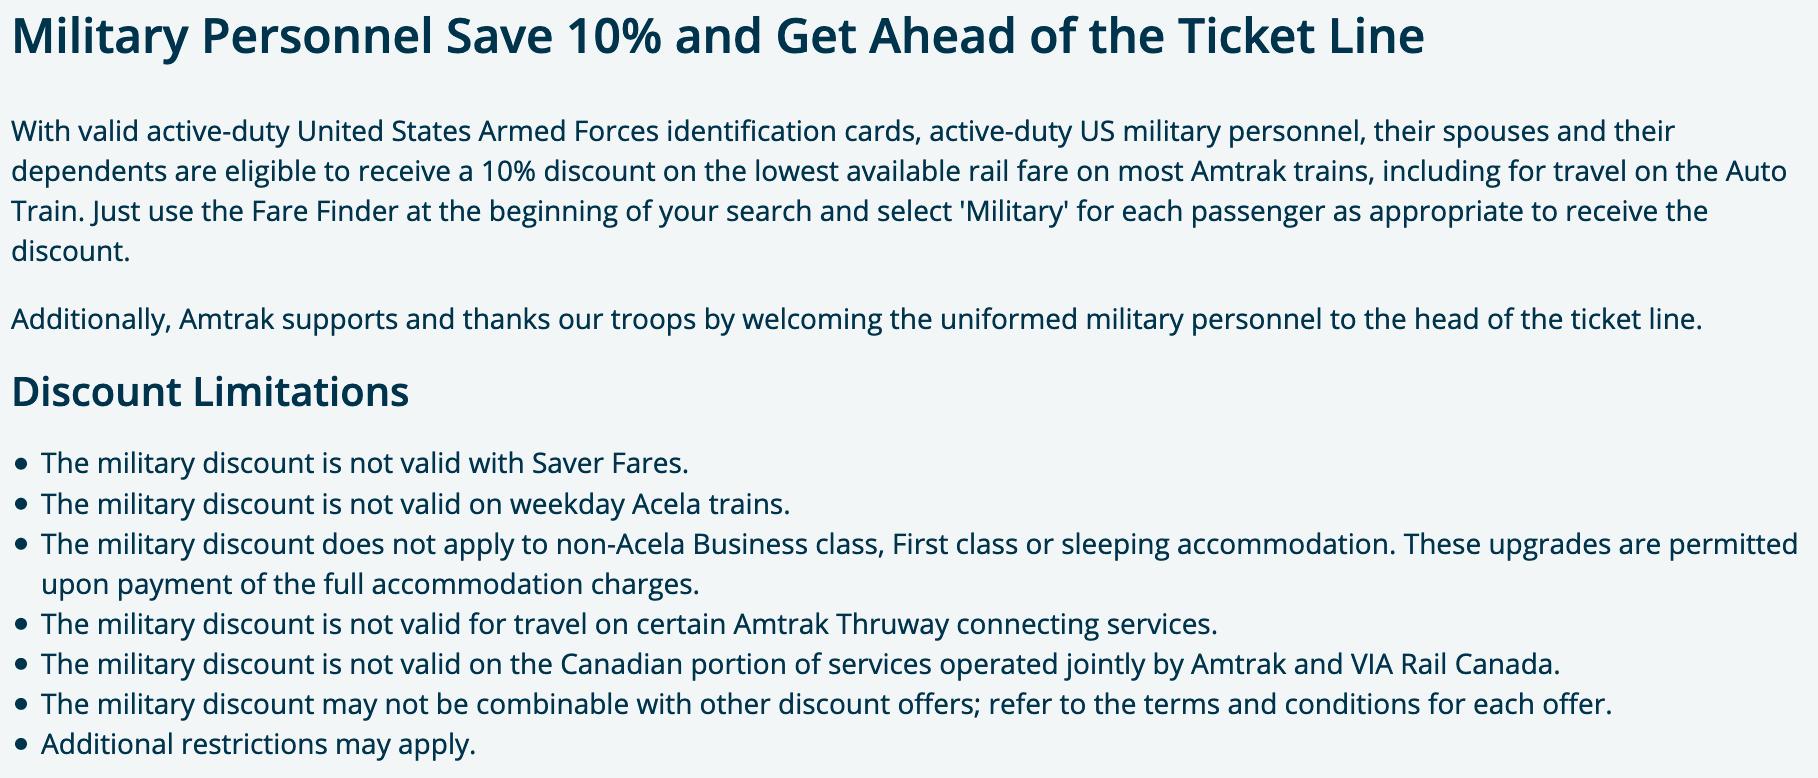 Amtrak Military Veteran Discount